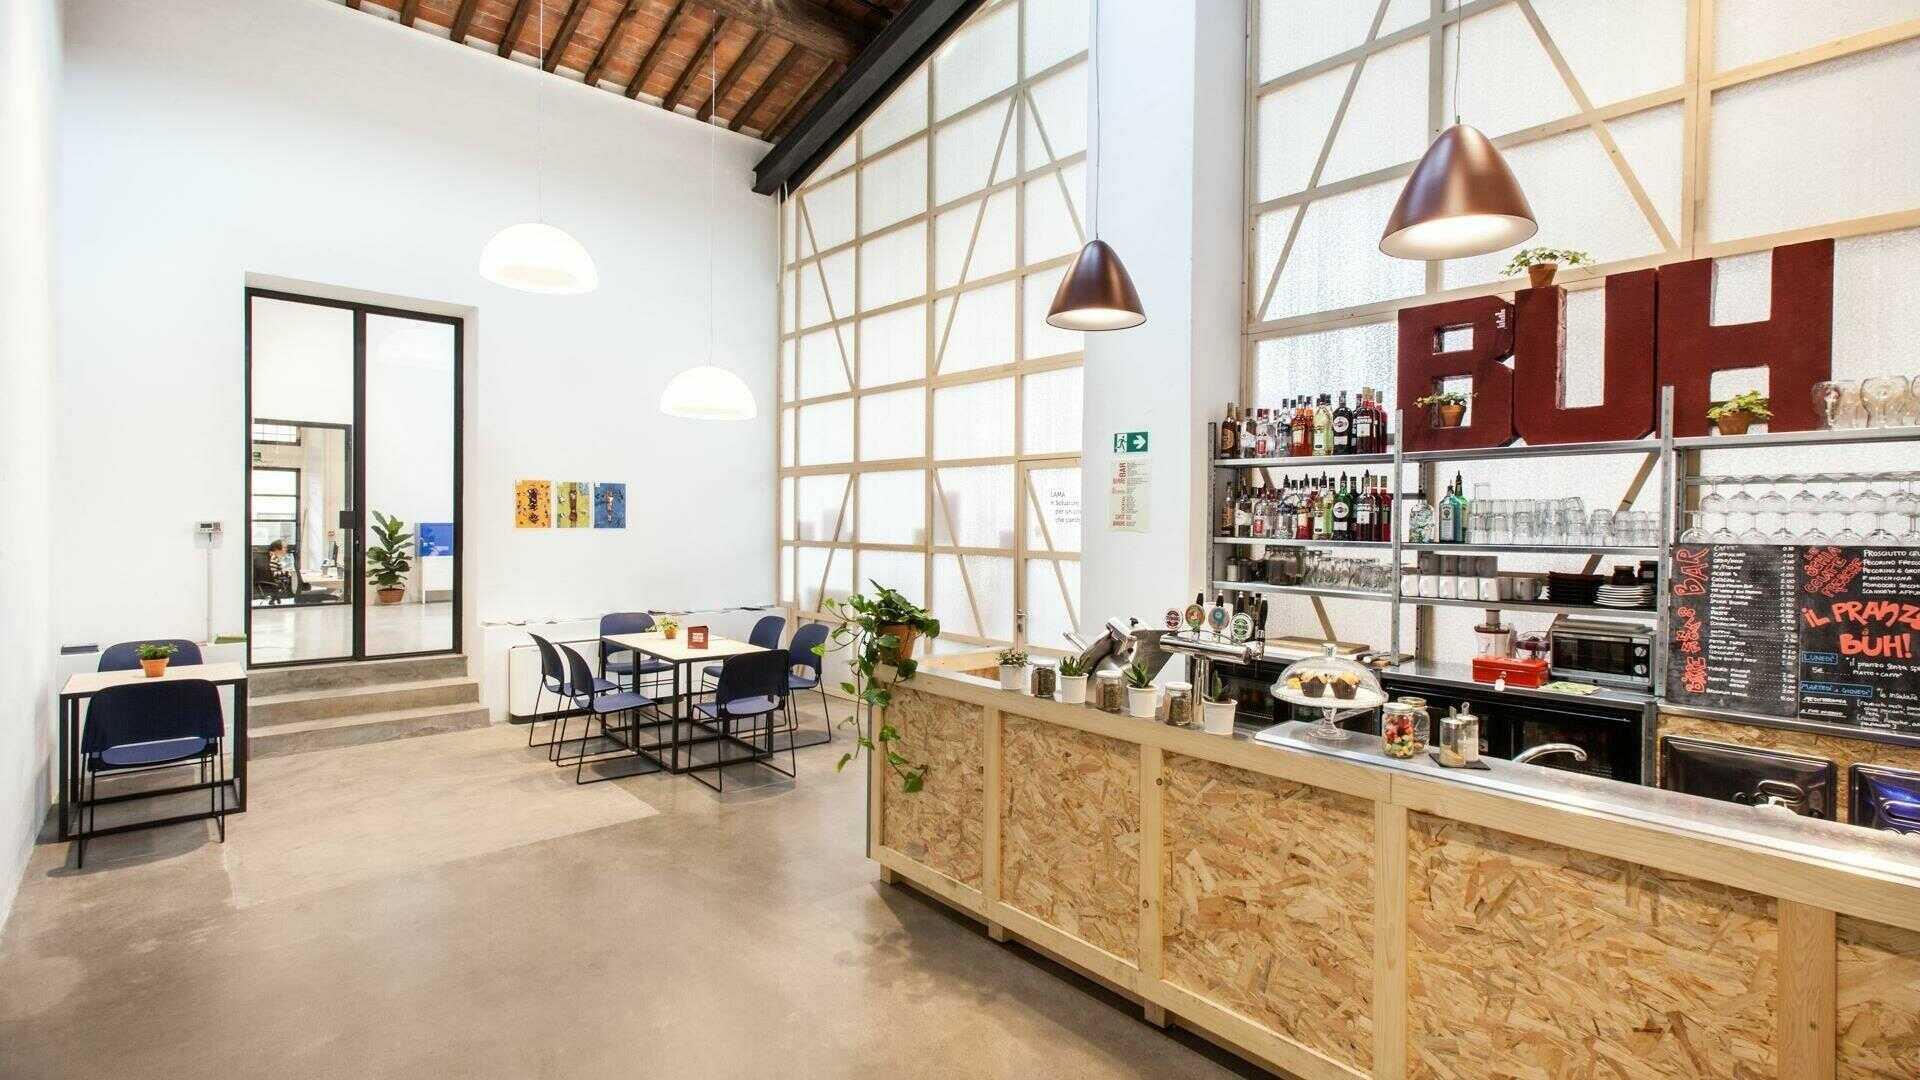 Sale Riunioni Firenze : Sale meeting di impact hub firenze firenze